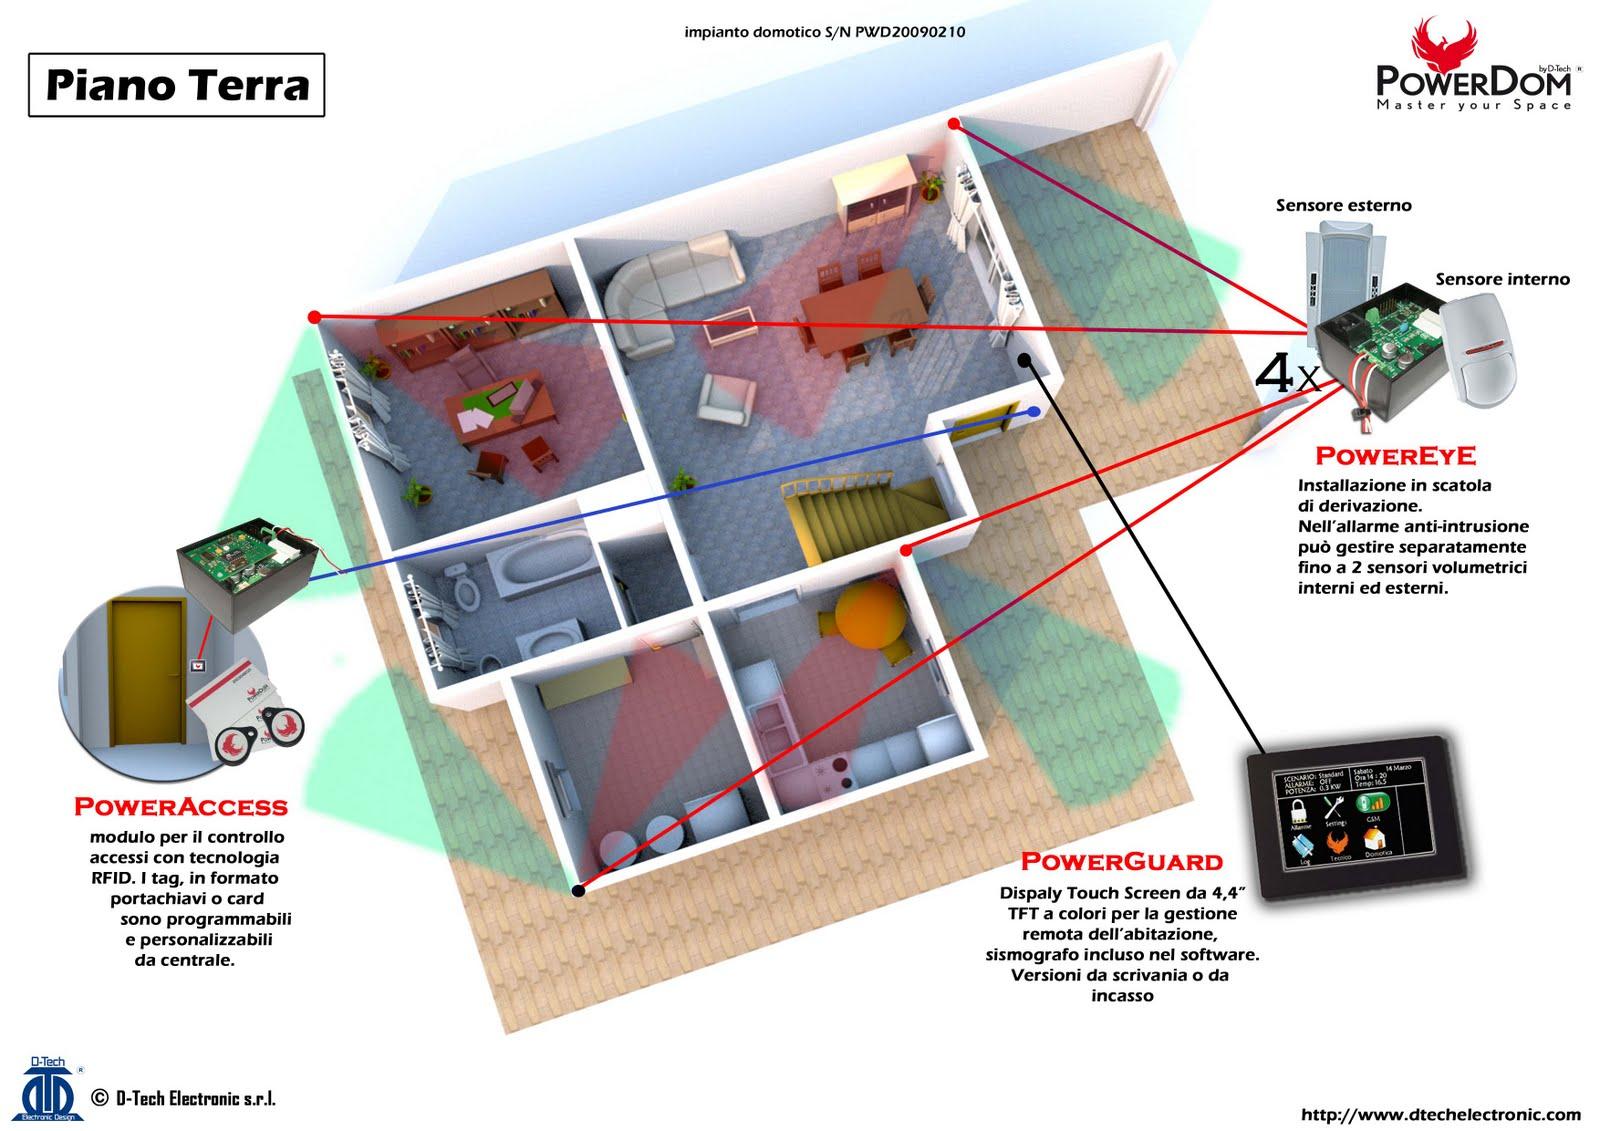 Impianto elettrico domotico costi - Impianto elettrico casa prezzi ...